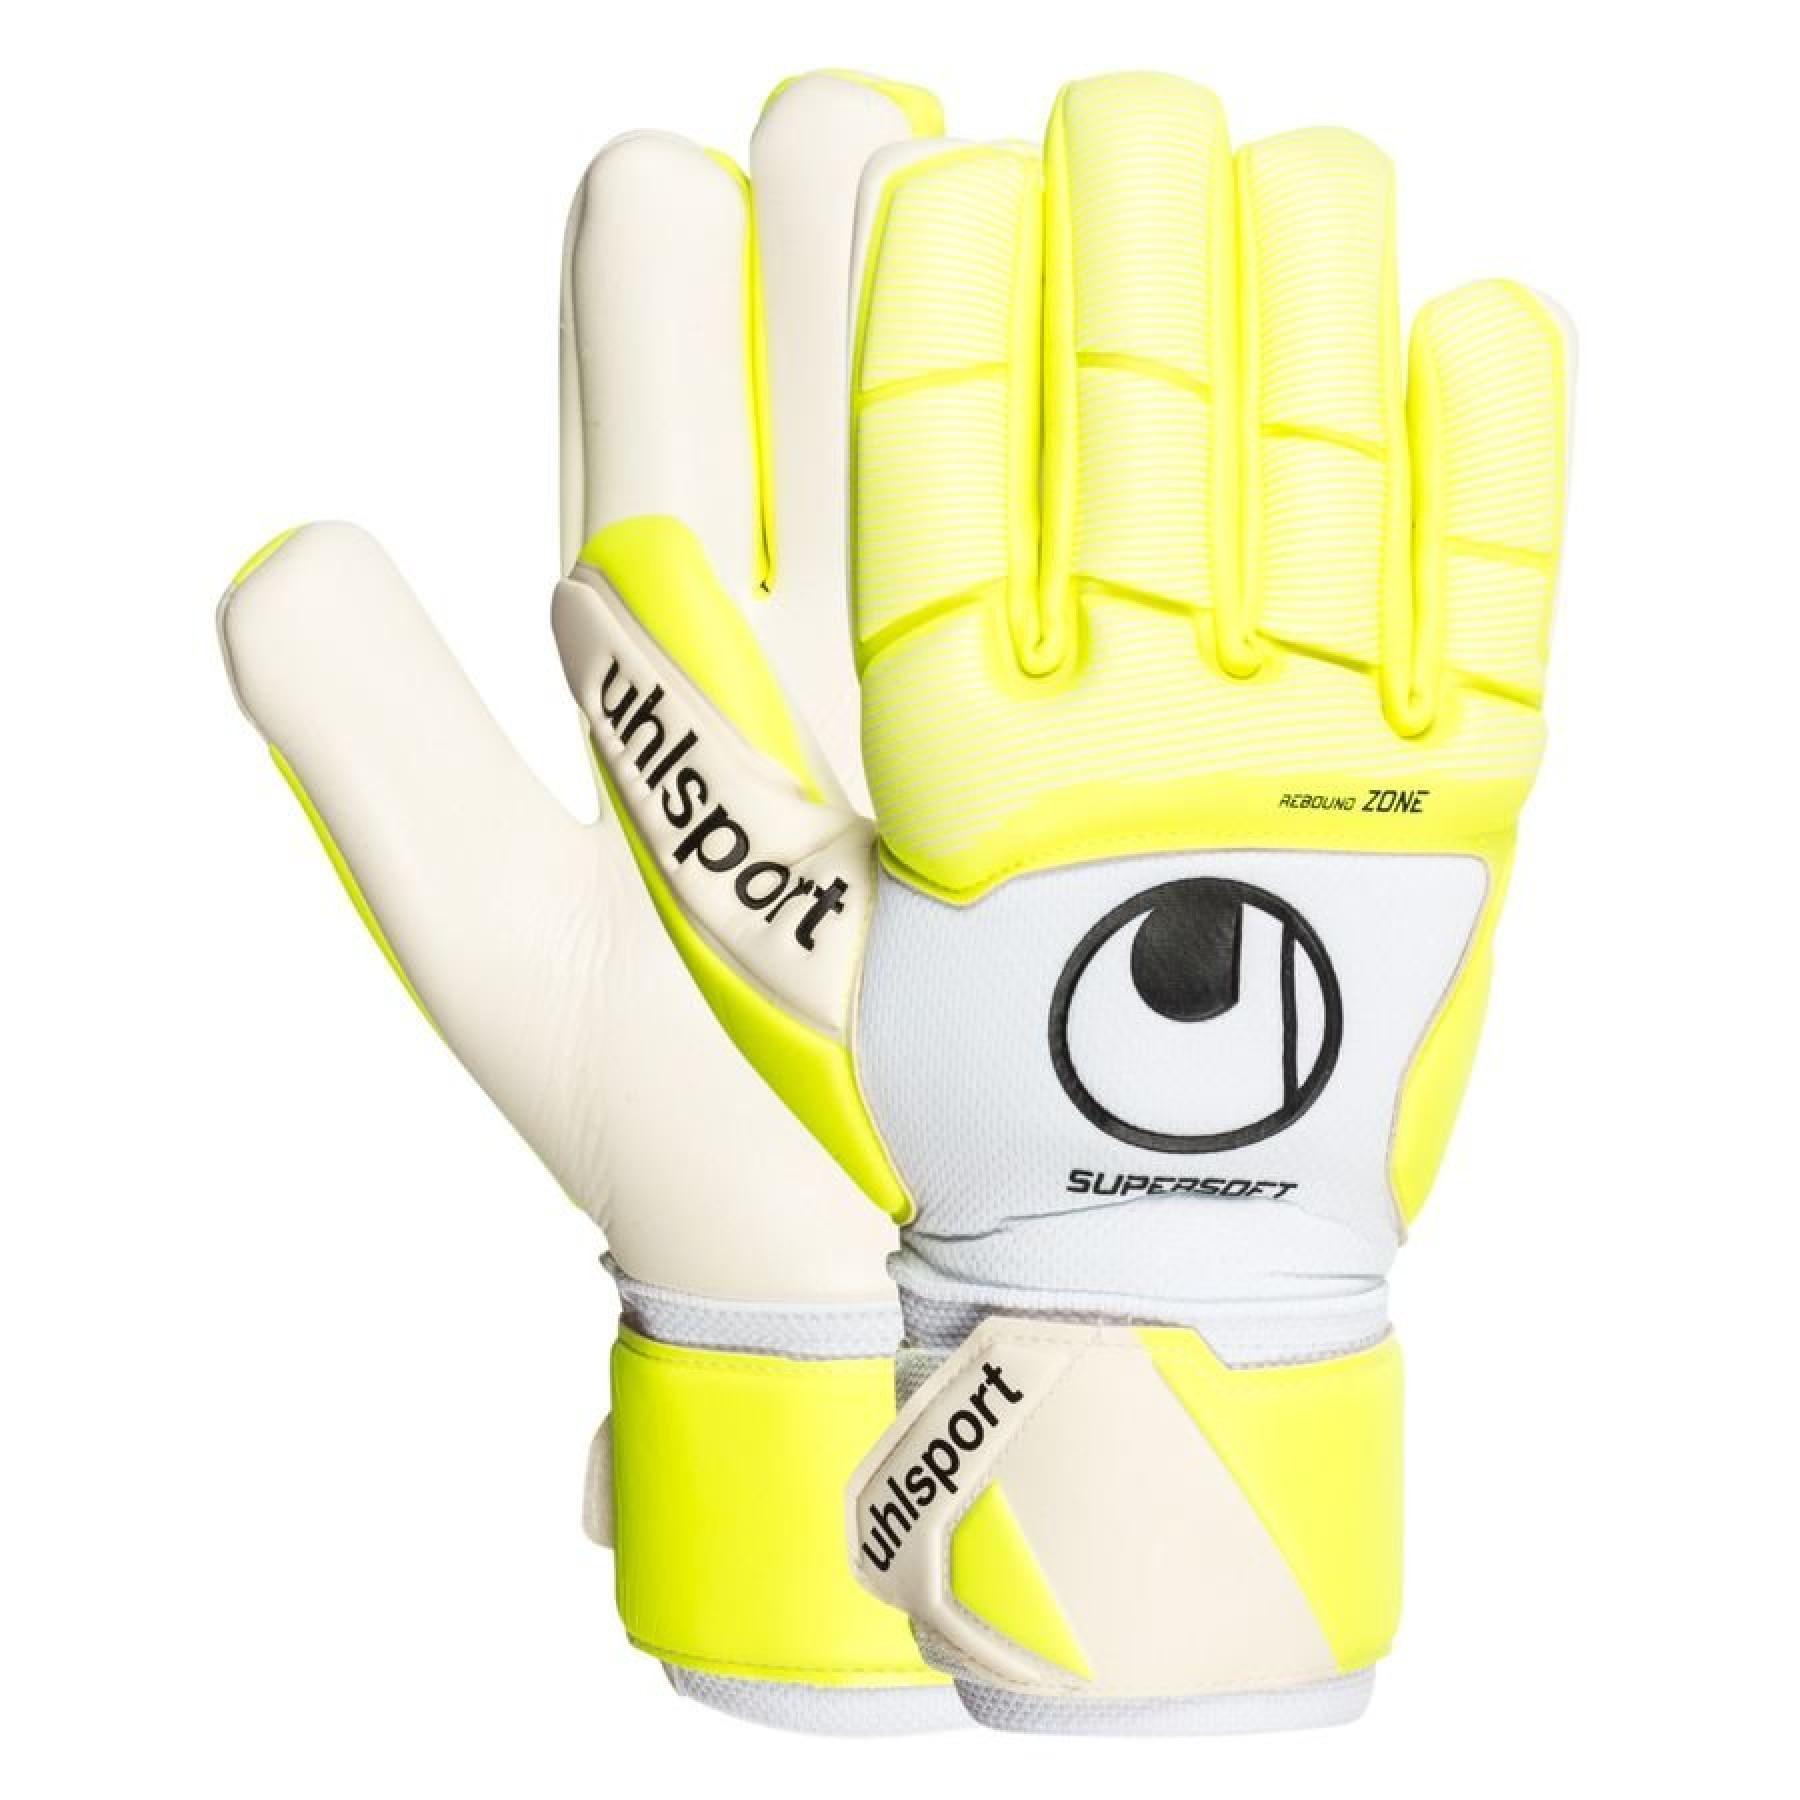 Uhlsport Gloves Pure Alliance Supersoft HN